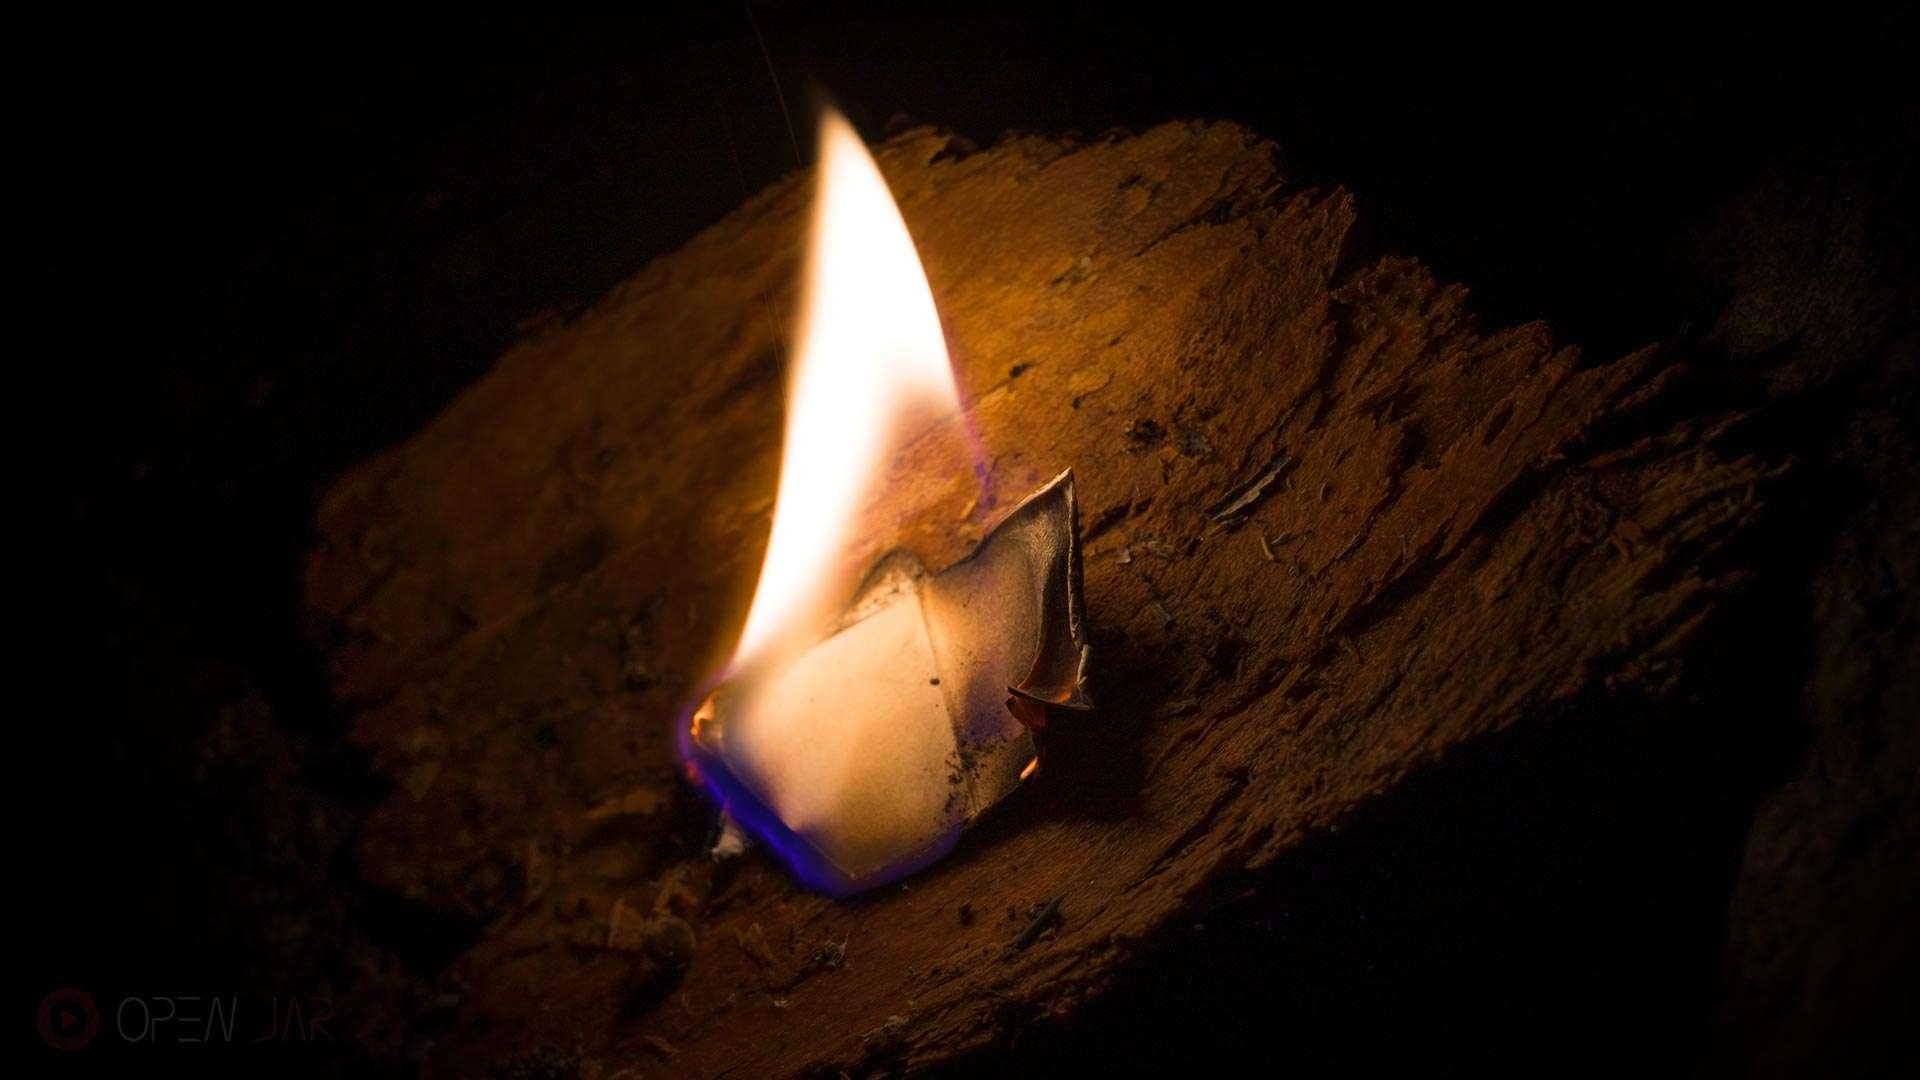 Ein Stück Papier brennt auf einem Stück Baumrinde